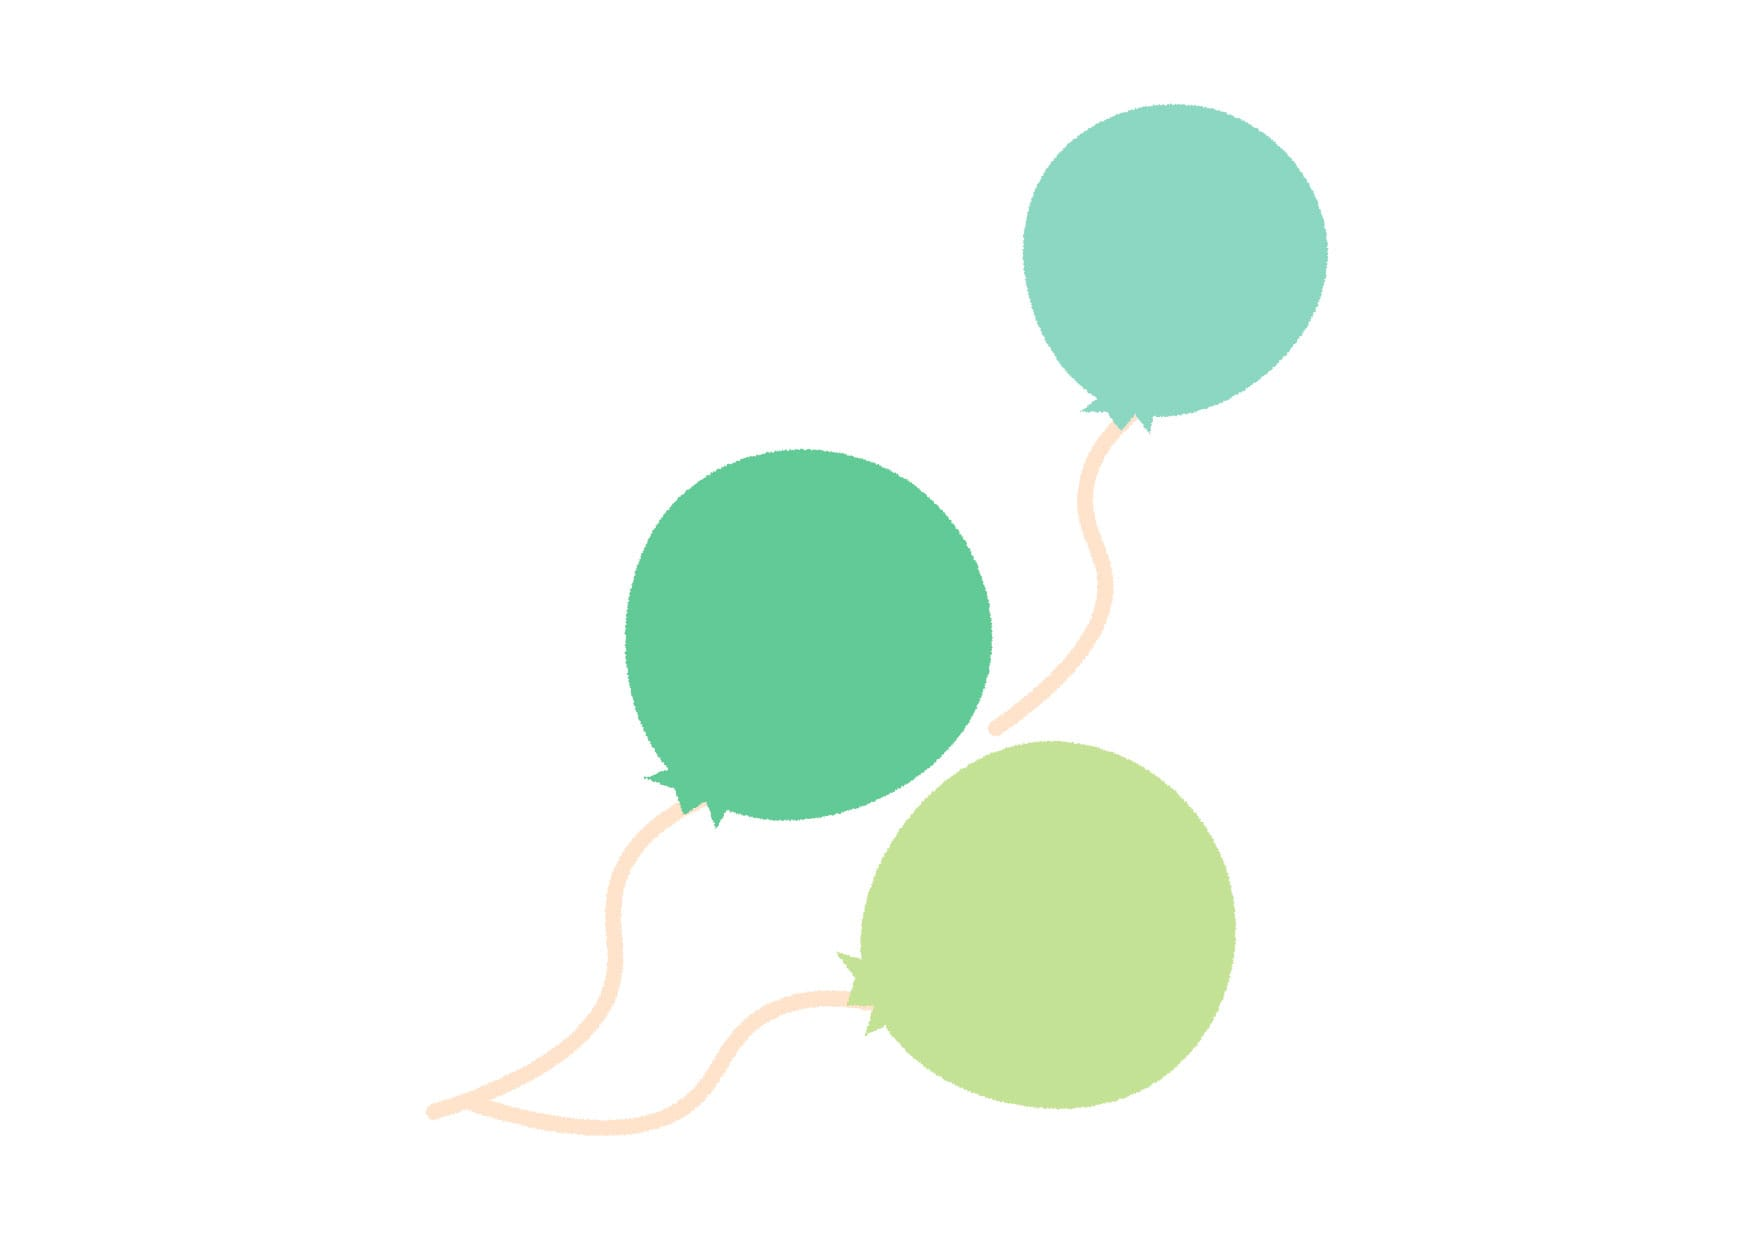 風船 緑色 イラスト 無料